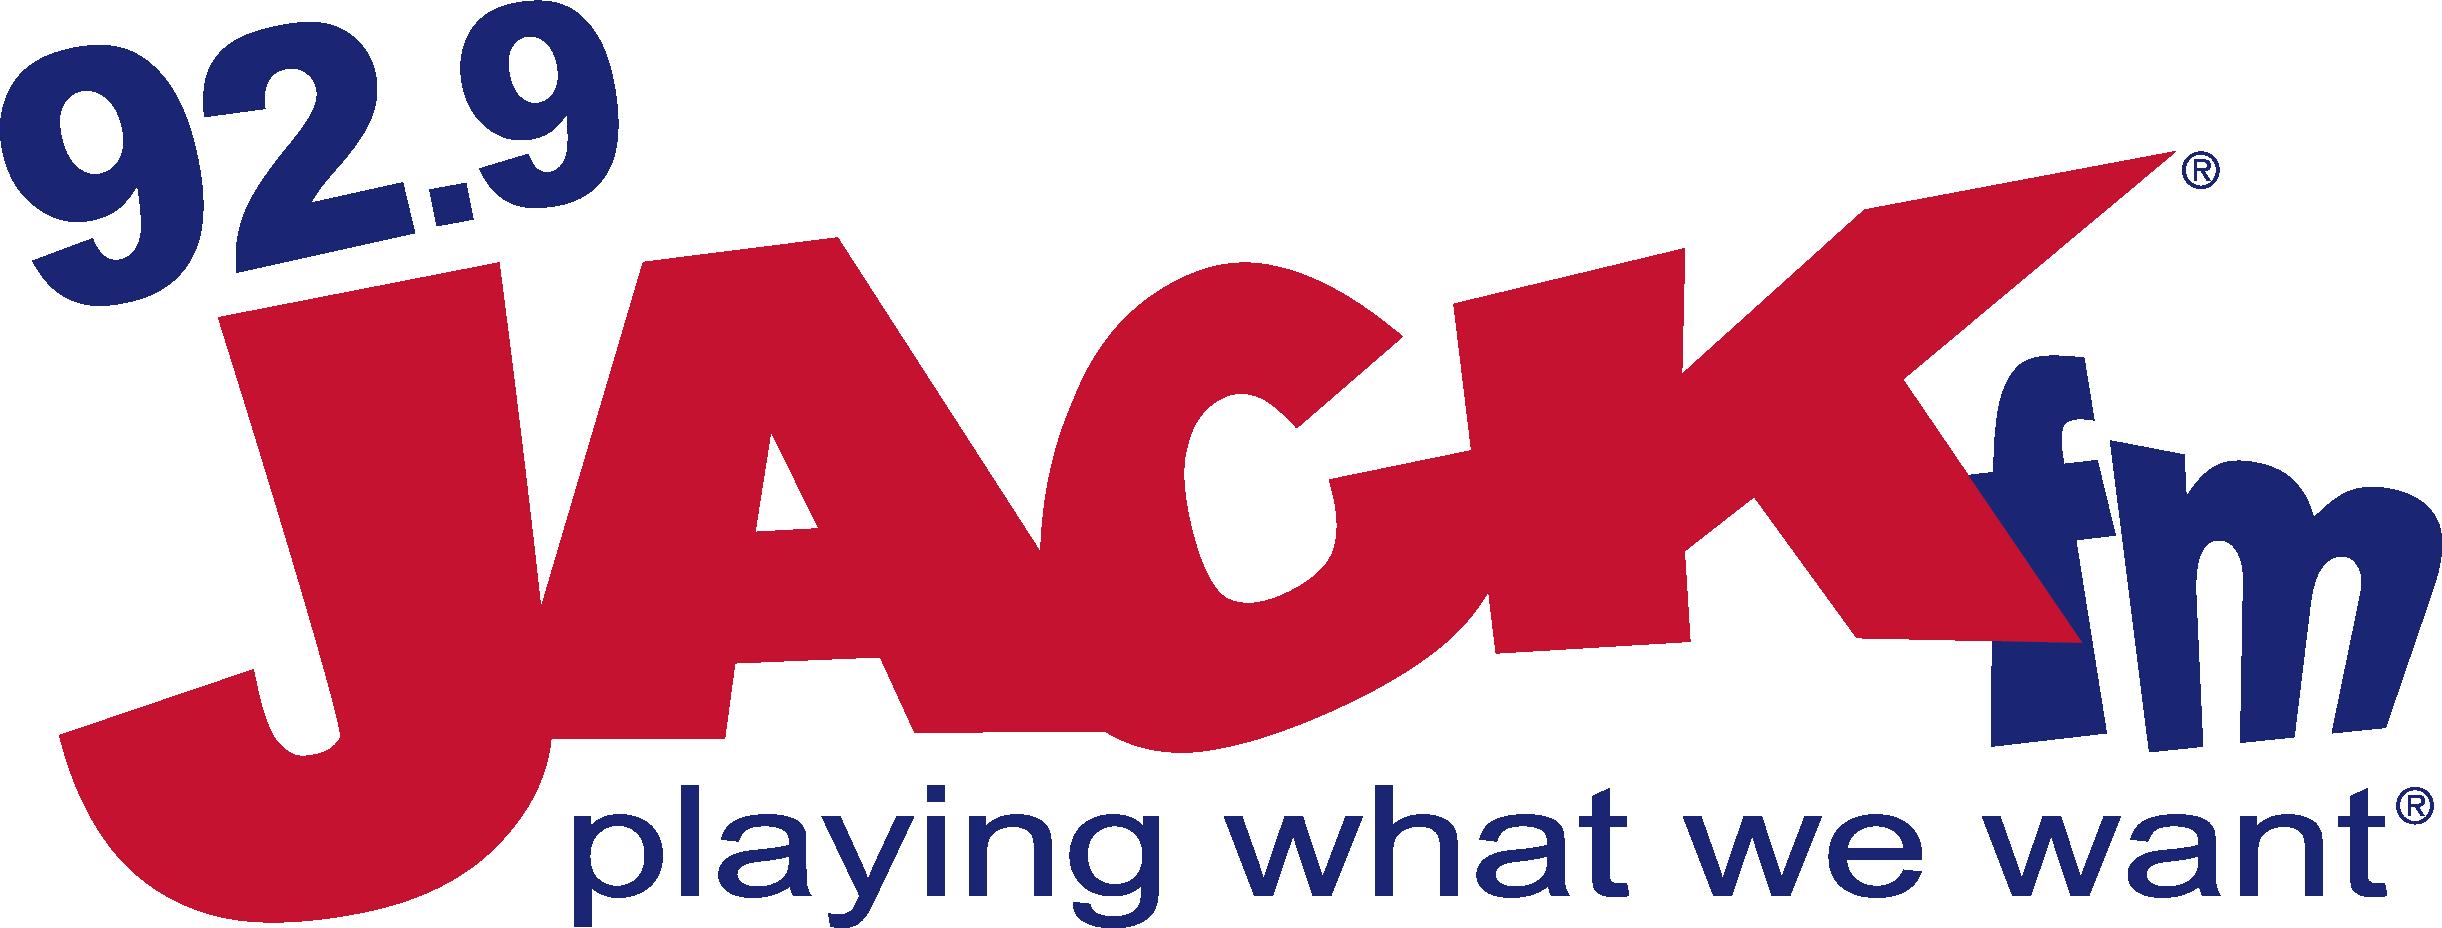 WDXO Jack FM